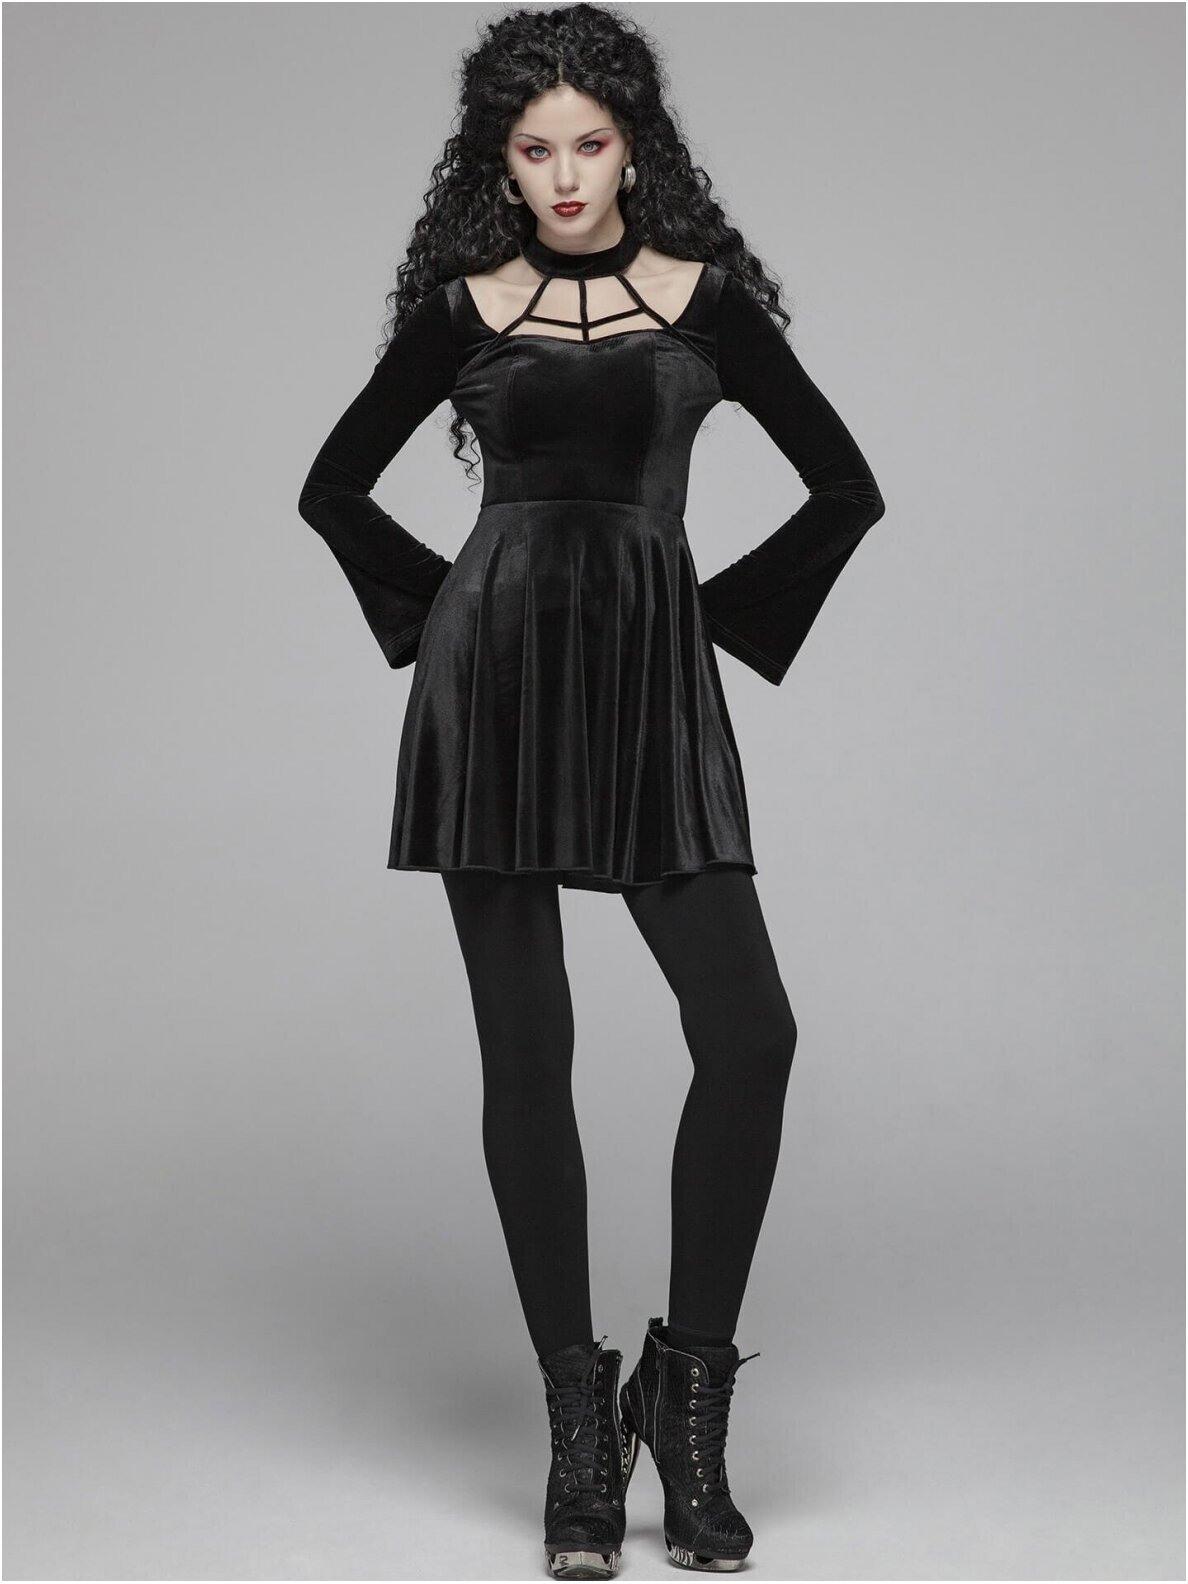 Kleider  Kurz  Gothickleidung  Damen  Gothic Kleidung